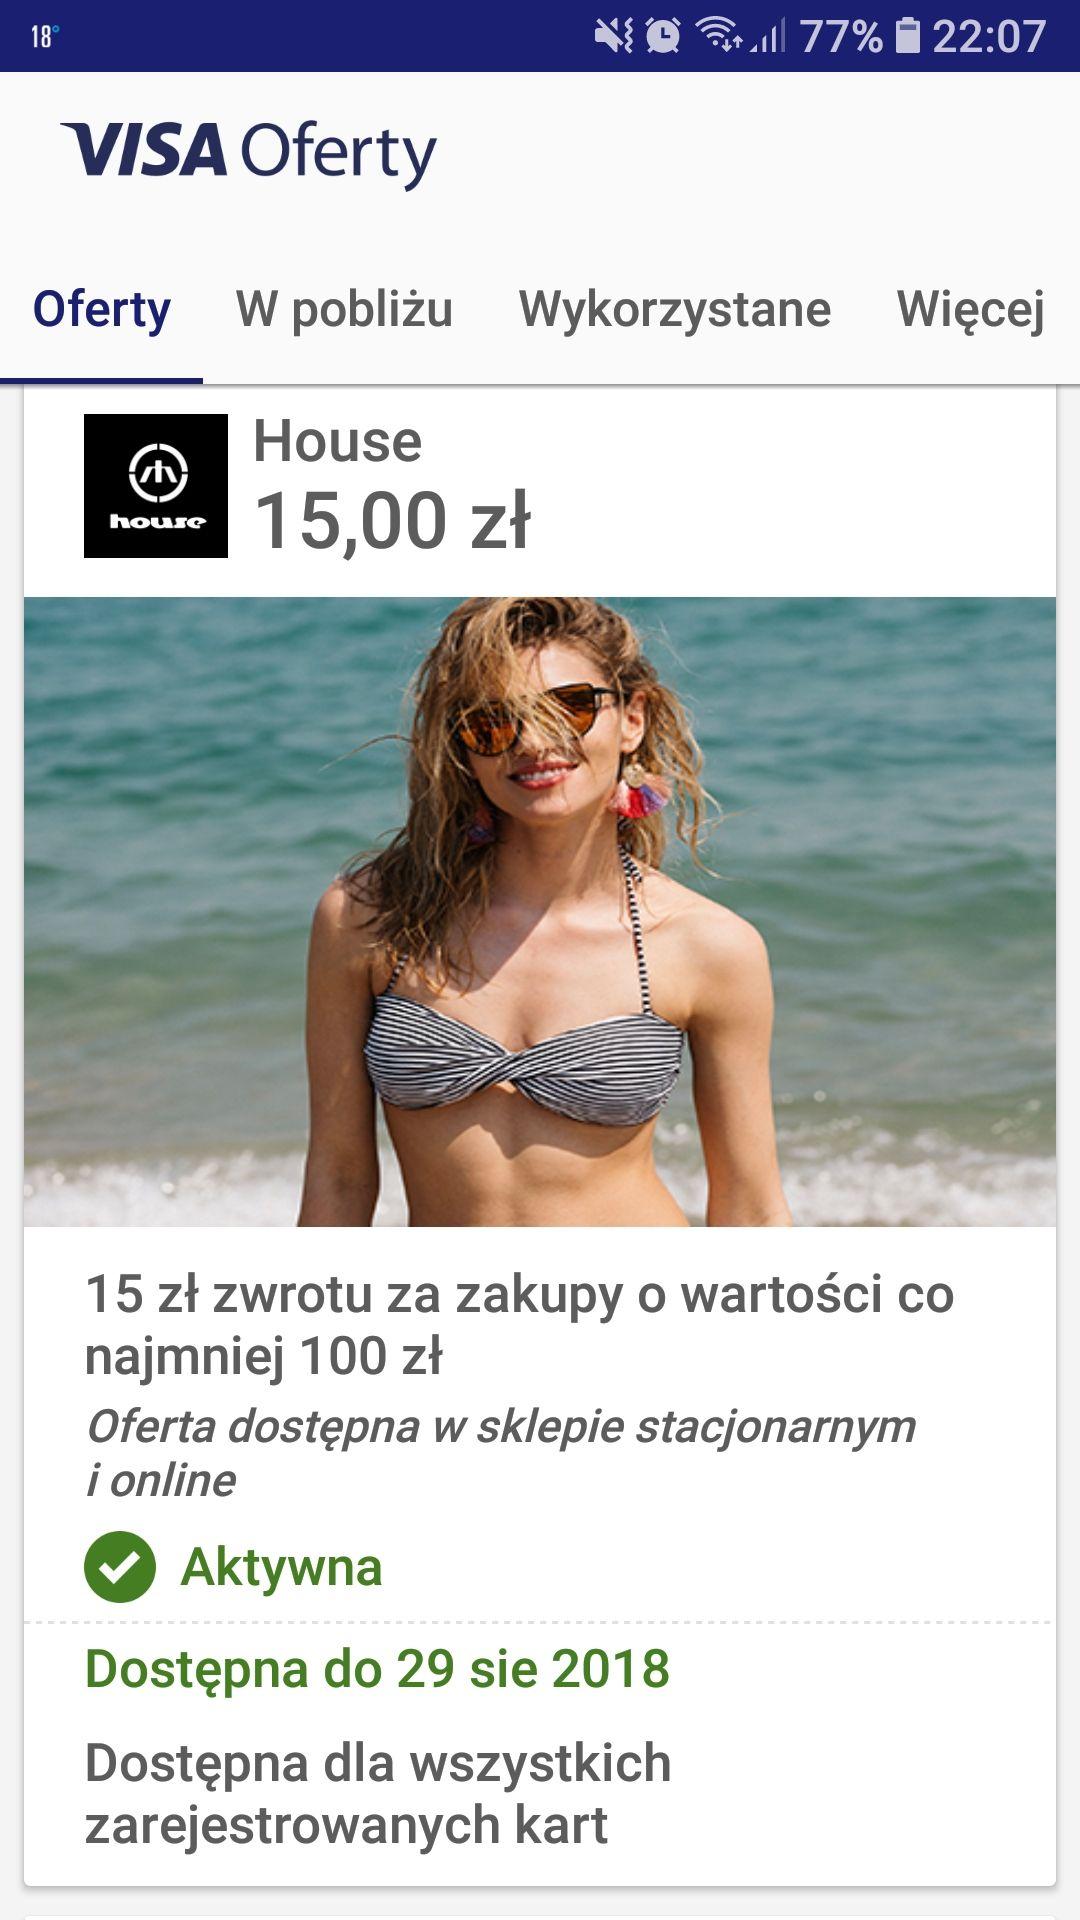 15zł zwrotu przy zakupie za co najmniej 100zł w house i na house.pl @Visa ofrerty